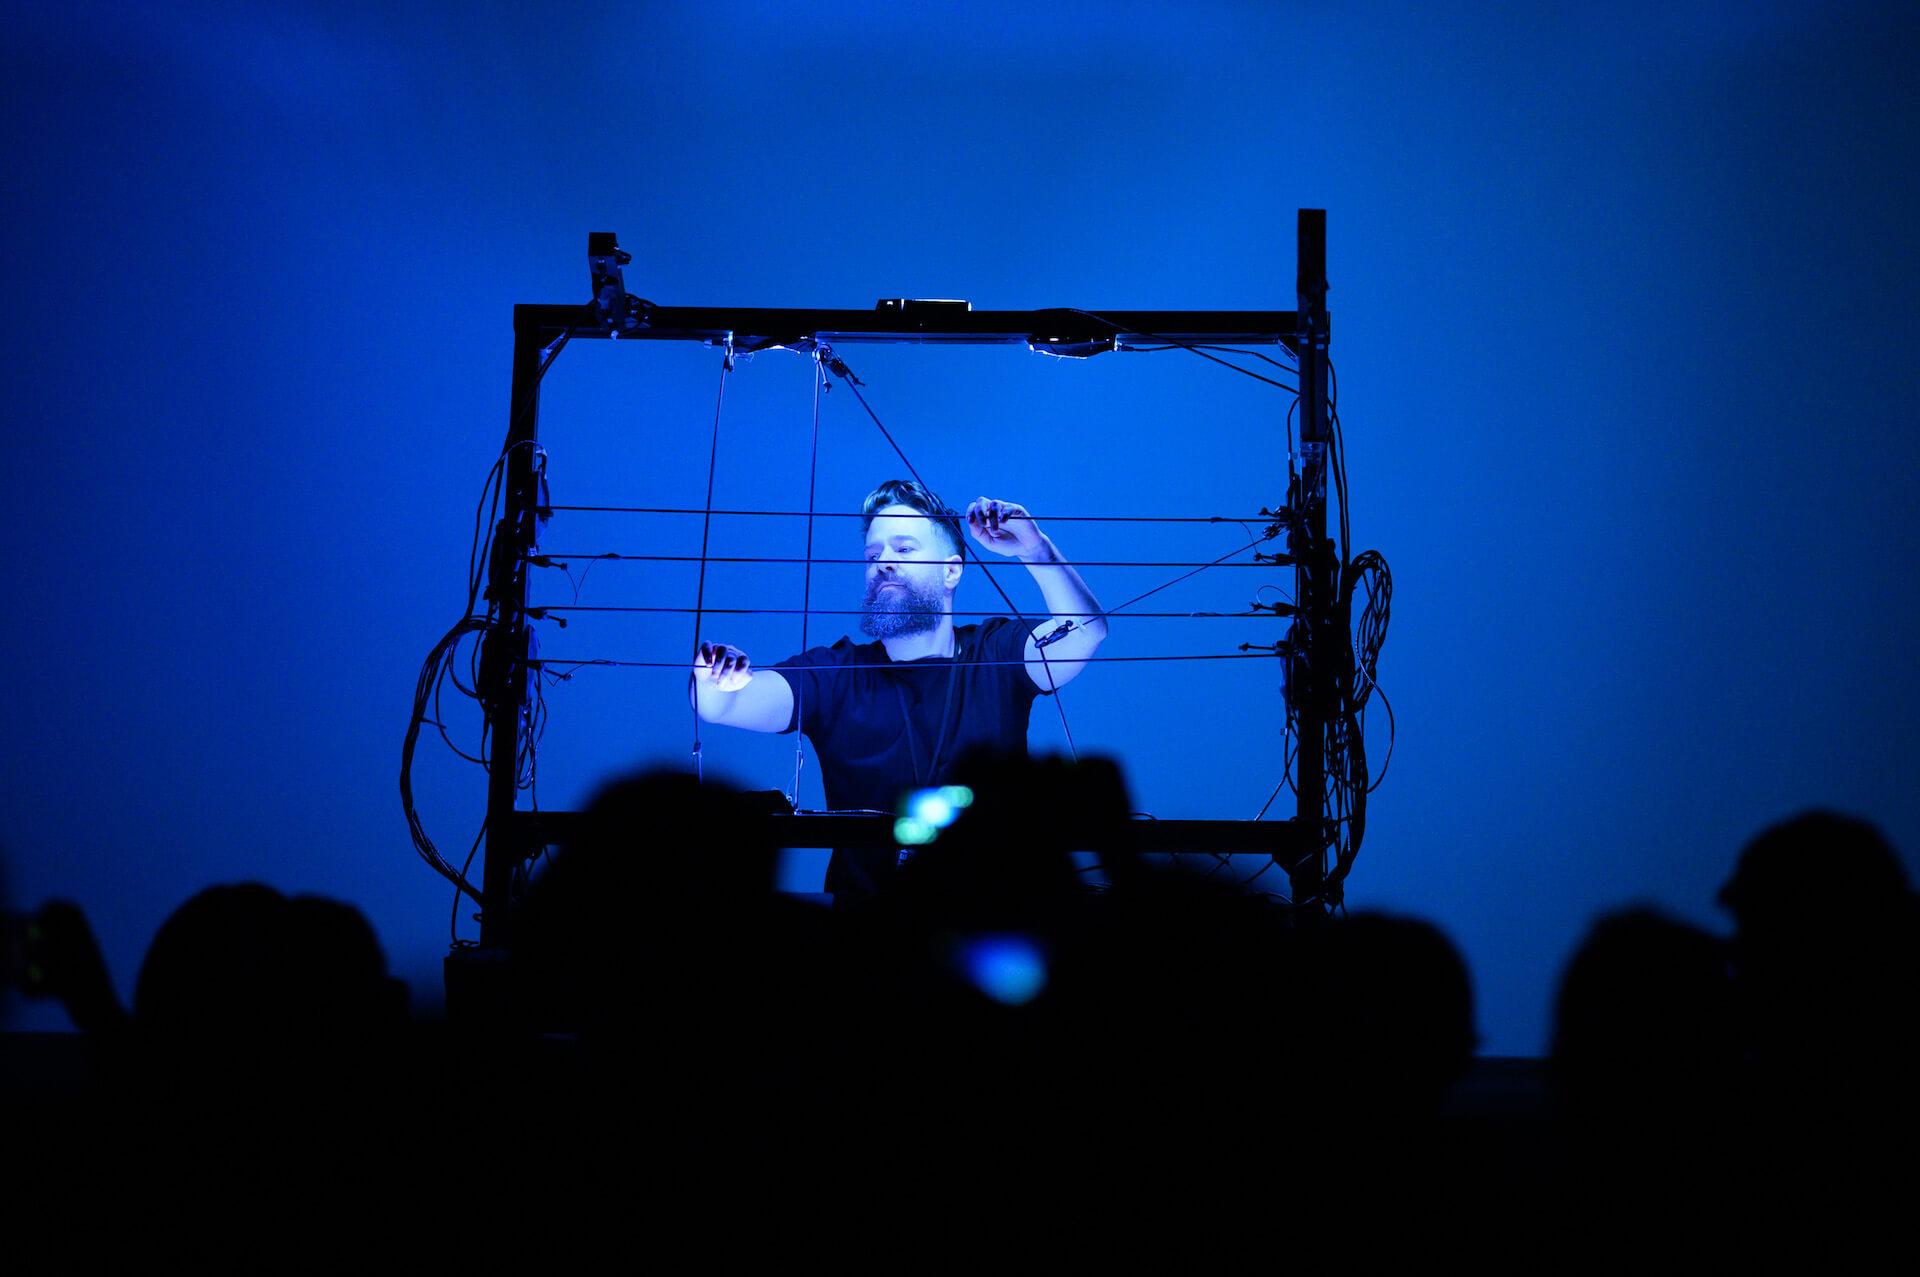 フォトレポート|Kode 9 & Koji Morimotoらが登場した電子音楽&デジタルアートの祭典「MUTEK.JP 2019」 music191219-mutek2019-1